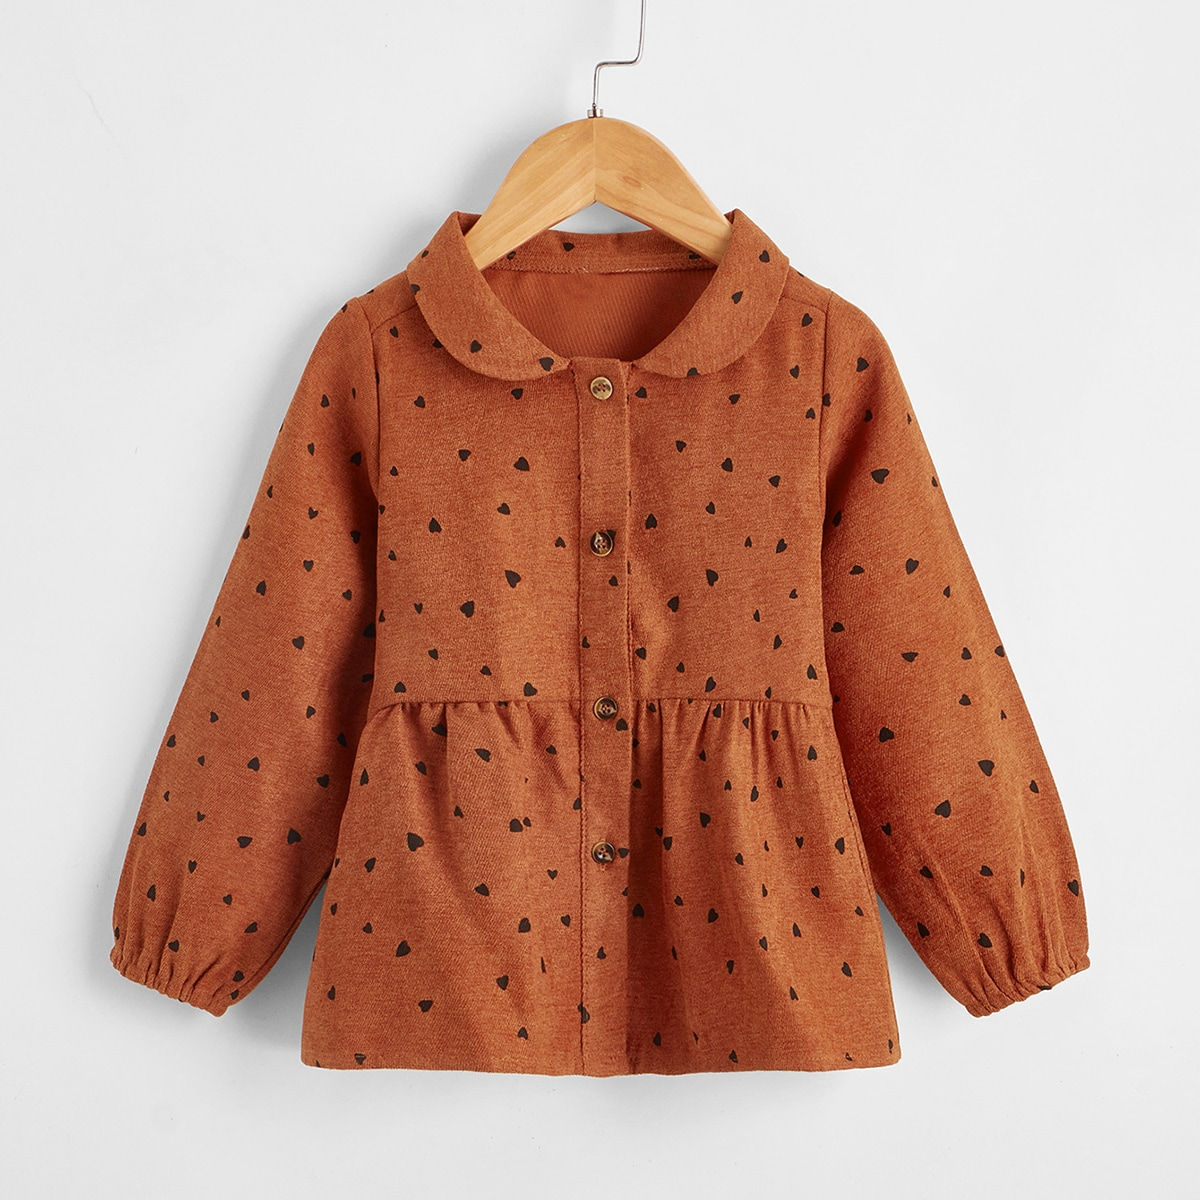 С оборками сердечко повседневный блузы для девочек